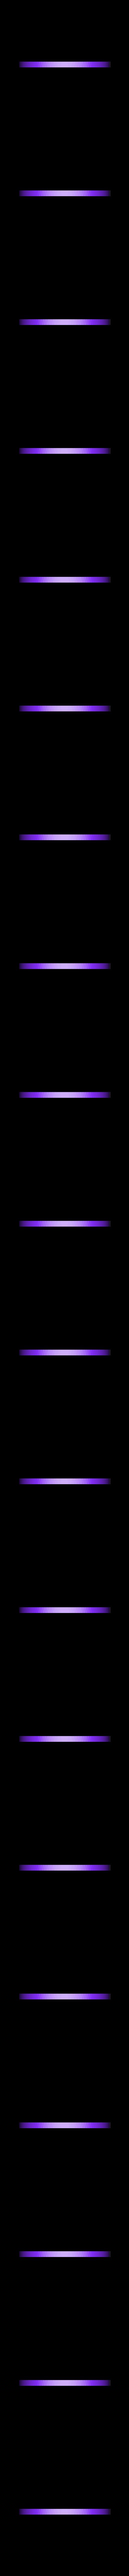 Bottom_3_copper.stl Télécharger fichier STL gratuit Lampe au kérosène version Halloween • Modèle à imprimer en 3D, poblocki1982